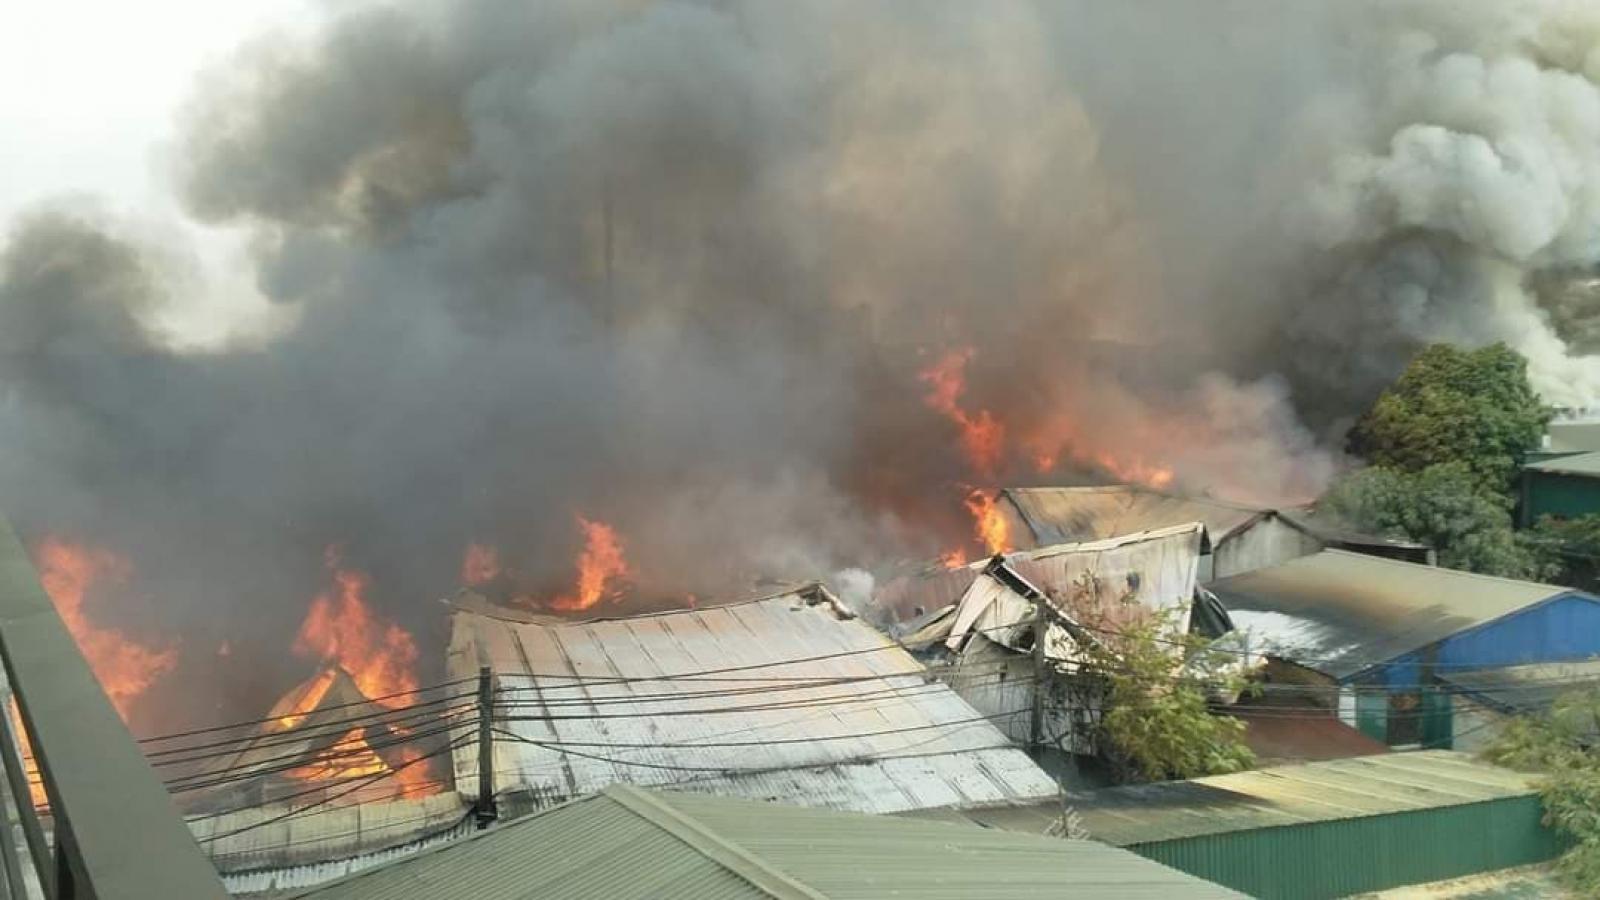 Cháy rất lớn ở xưởng gỗ tại Thạch Thất, Hà Nội